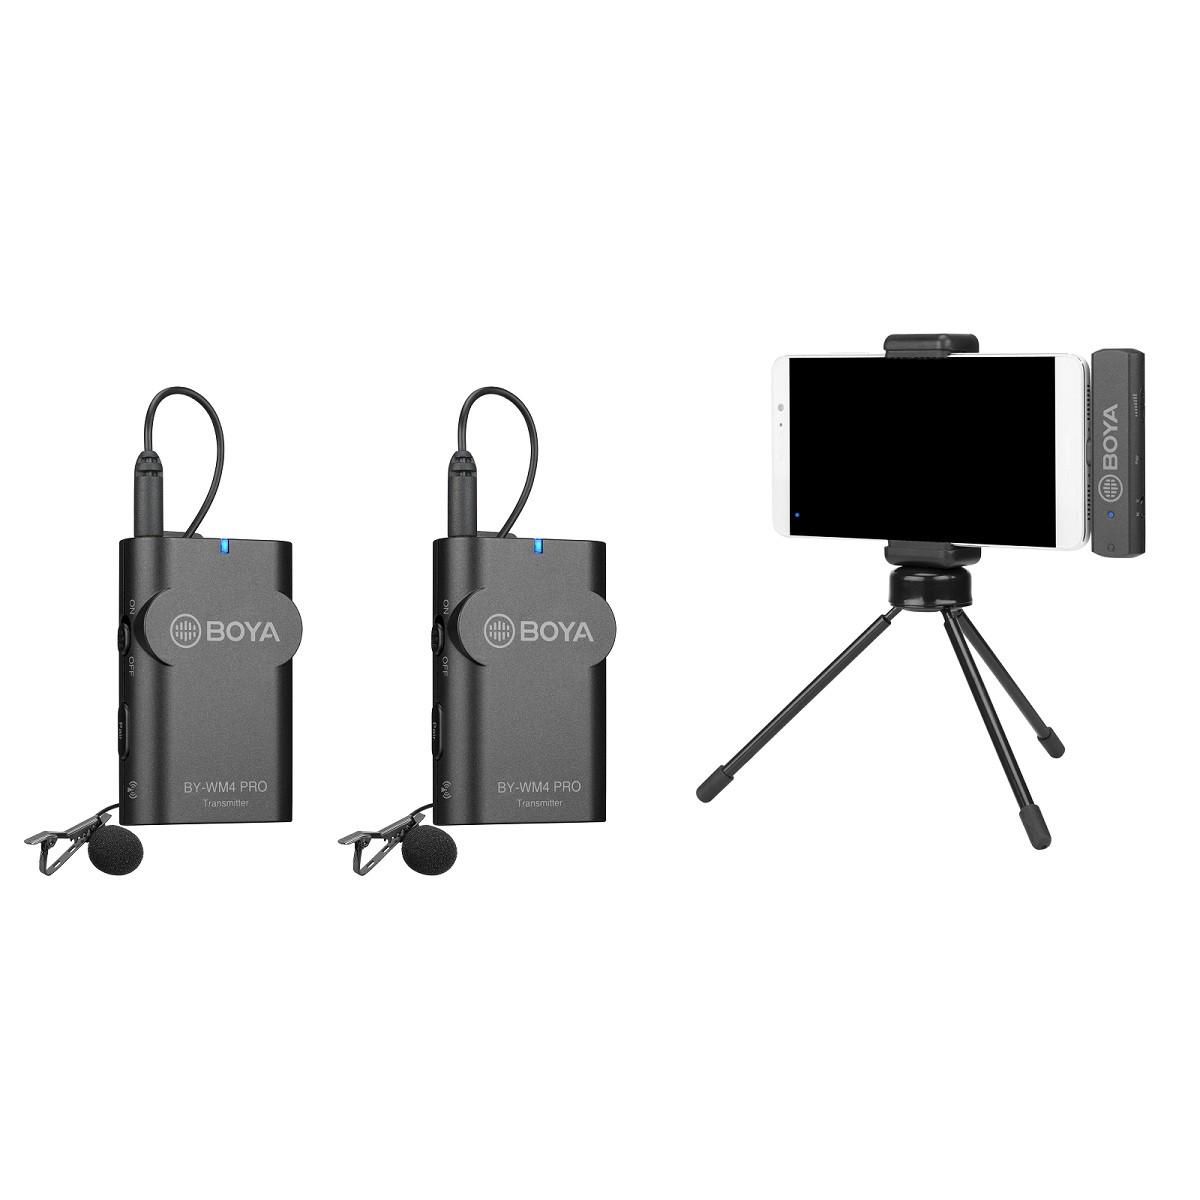 BOYA BY-WM4 PRO-K4  ДВОЙНОЙ Беспроводной петличный микрофон для iPhone, IOSc